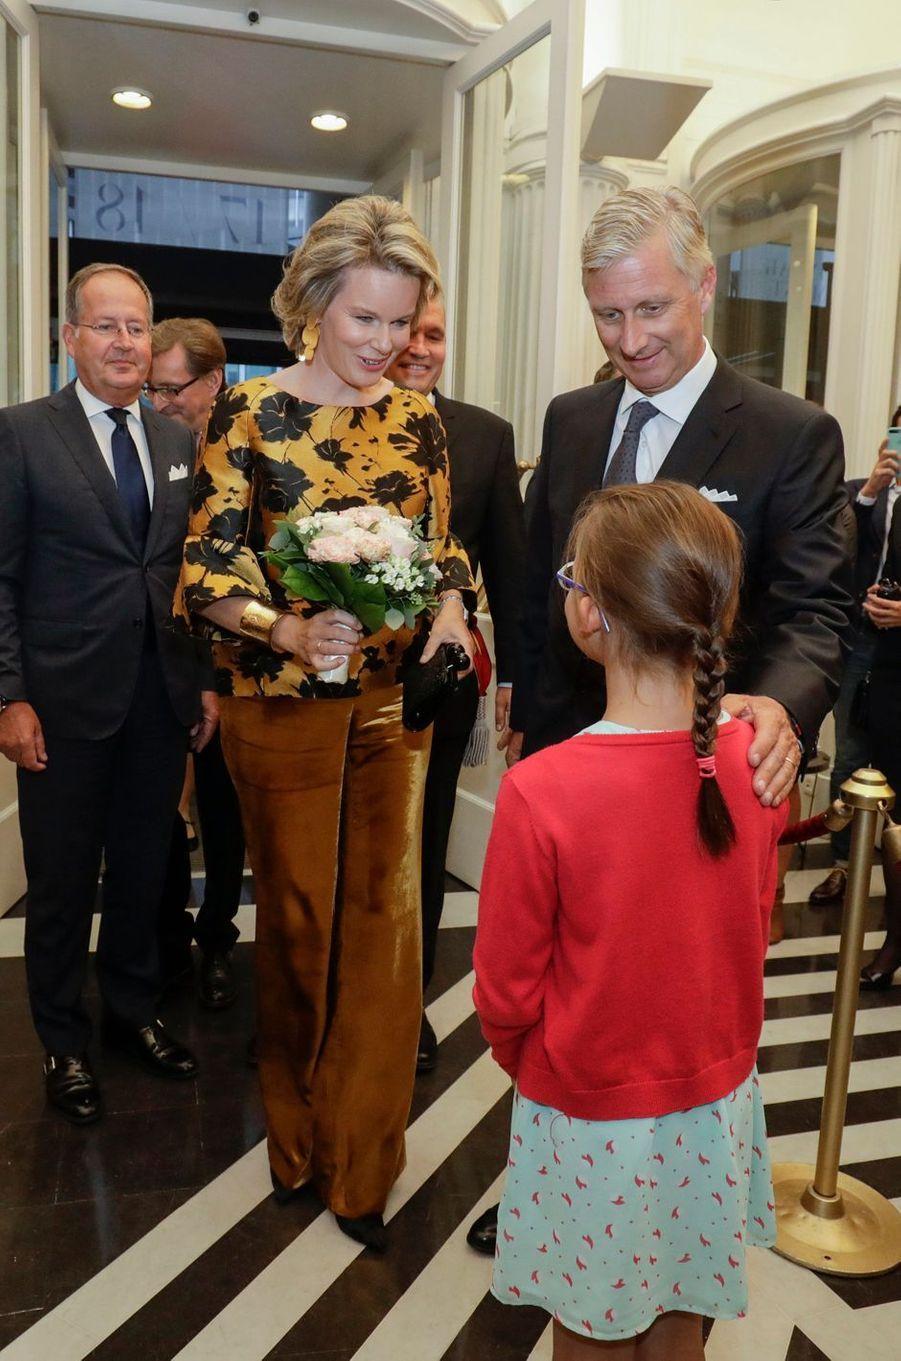 La reine Mathilde, en Natan, et le roi des Belges Philippe à Bruxelles, le 6 septembre 2017